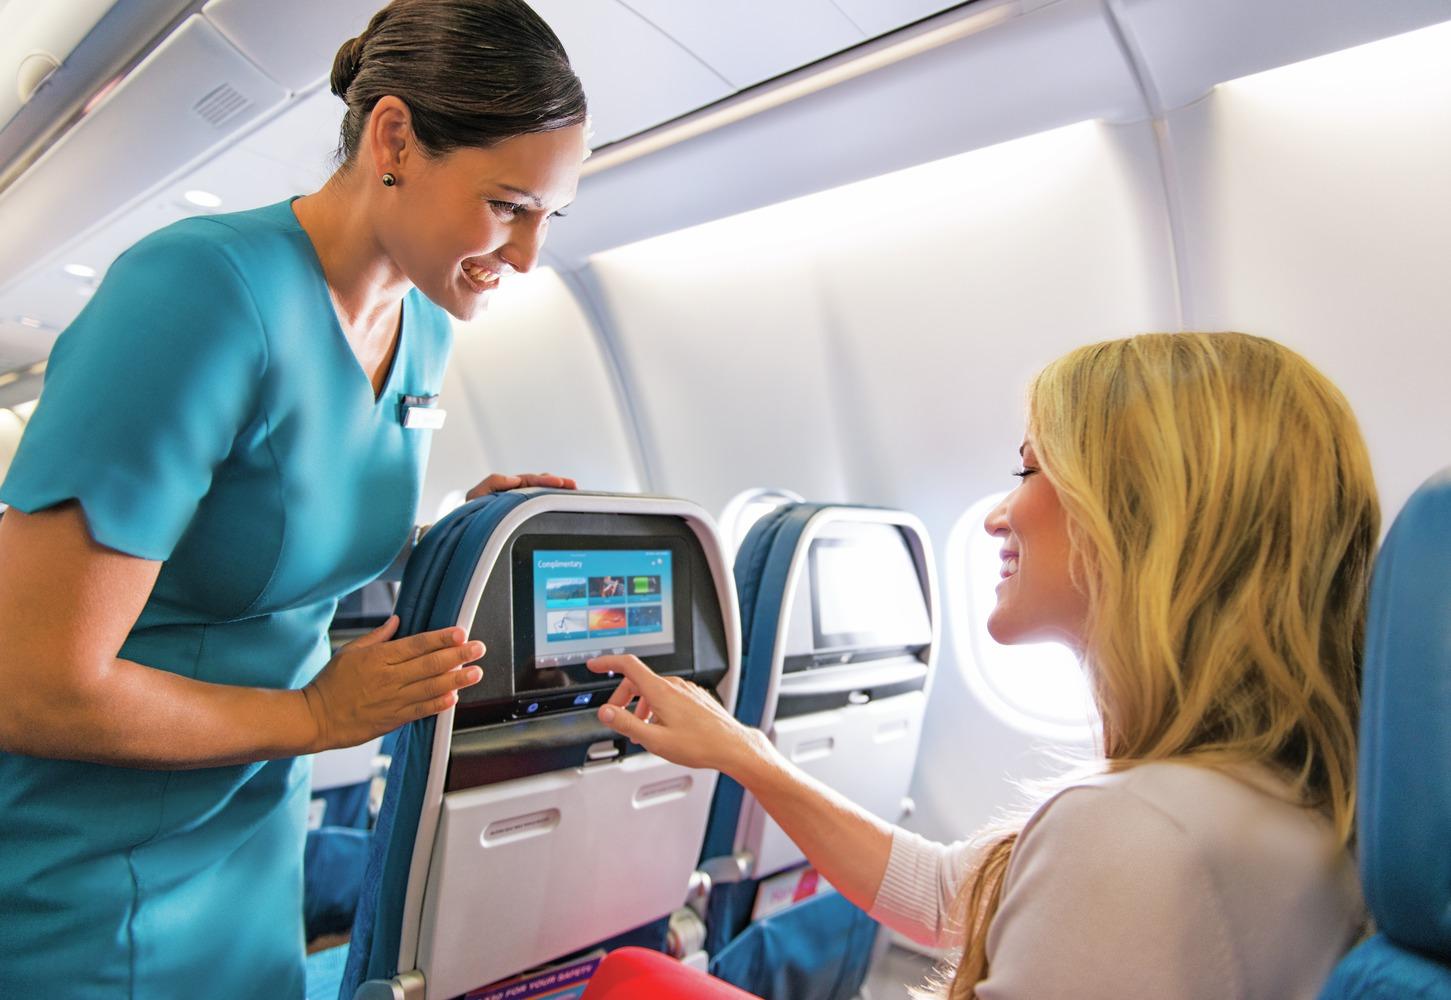 A330_MainCabin_Service_IFE_3303